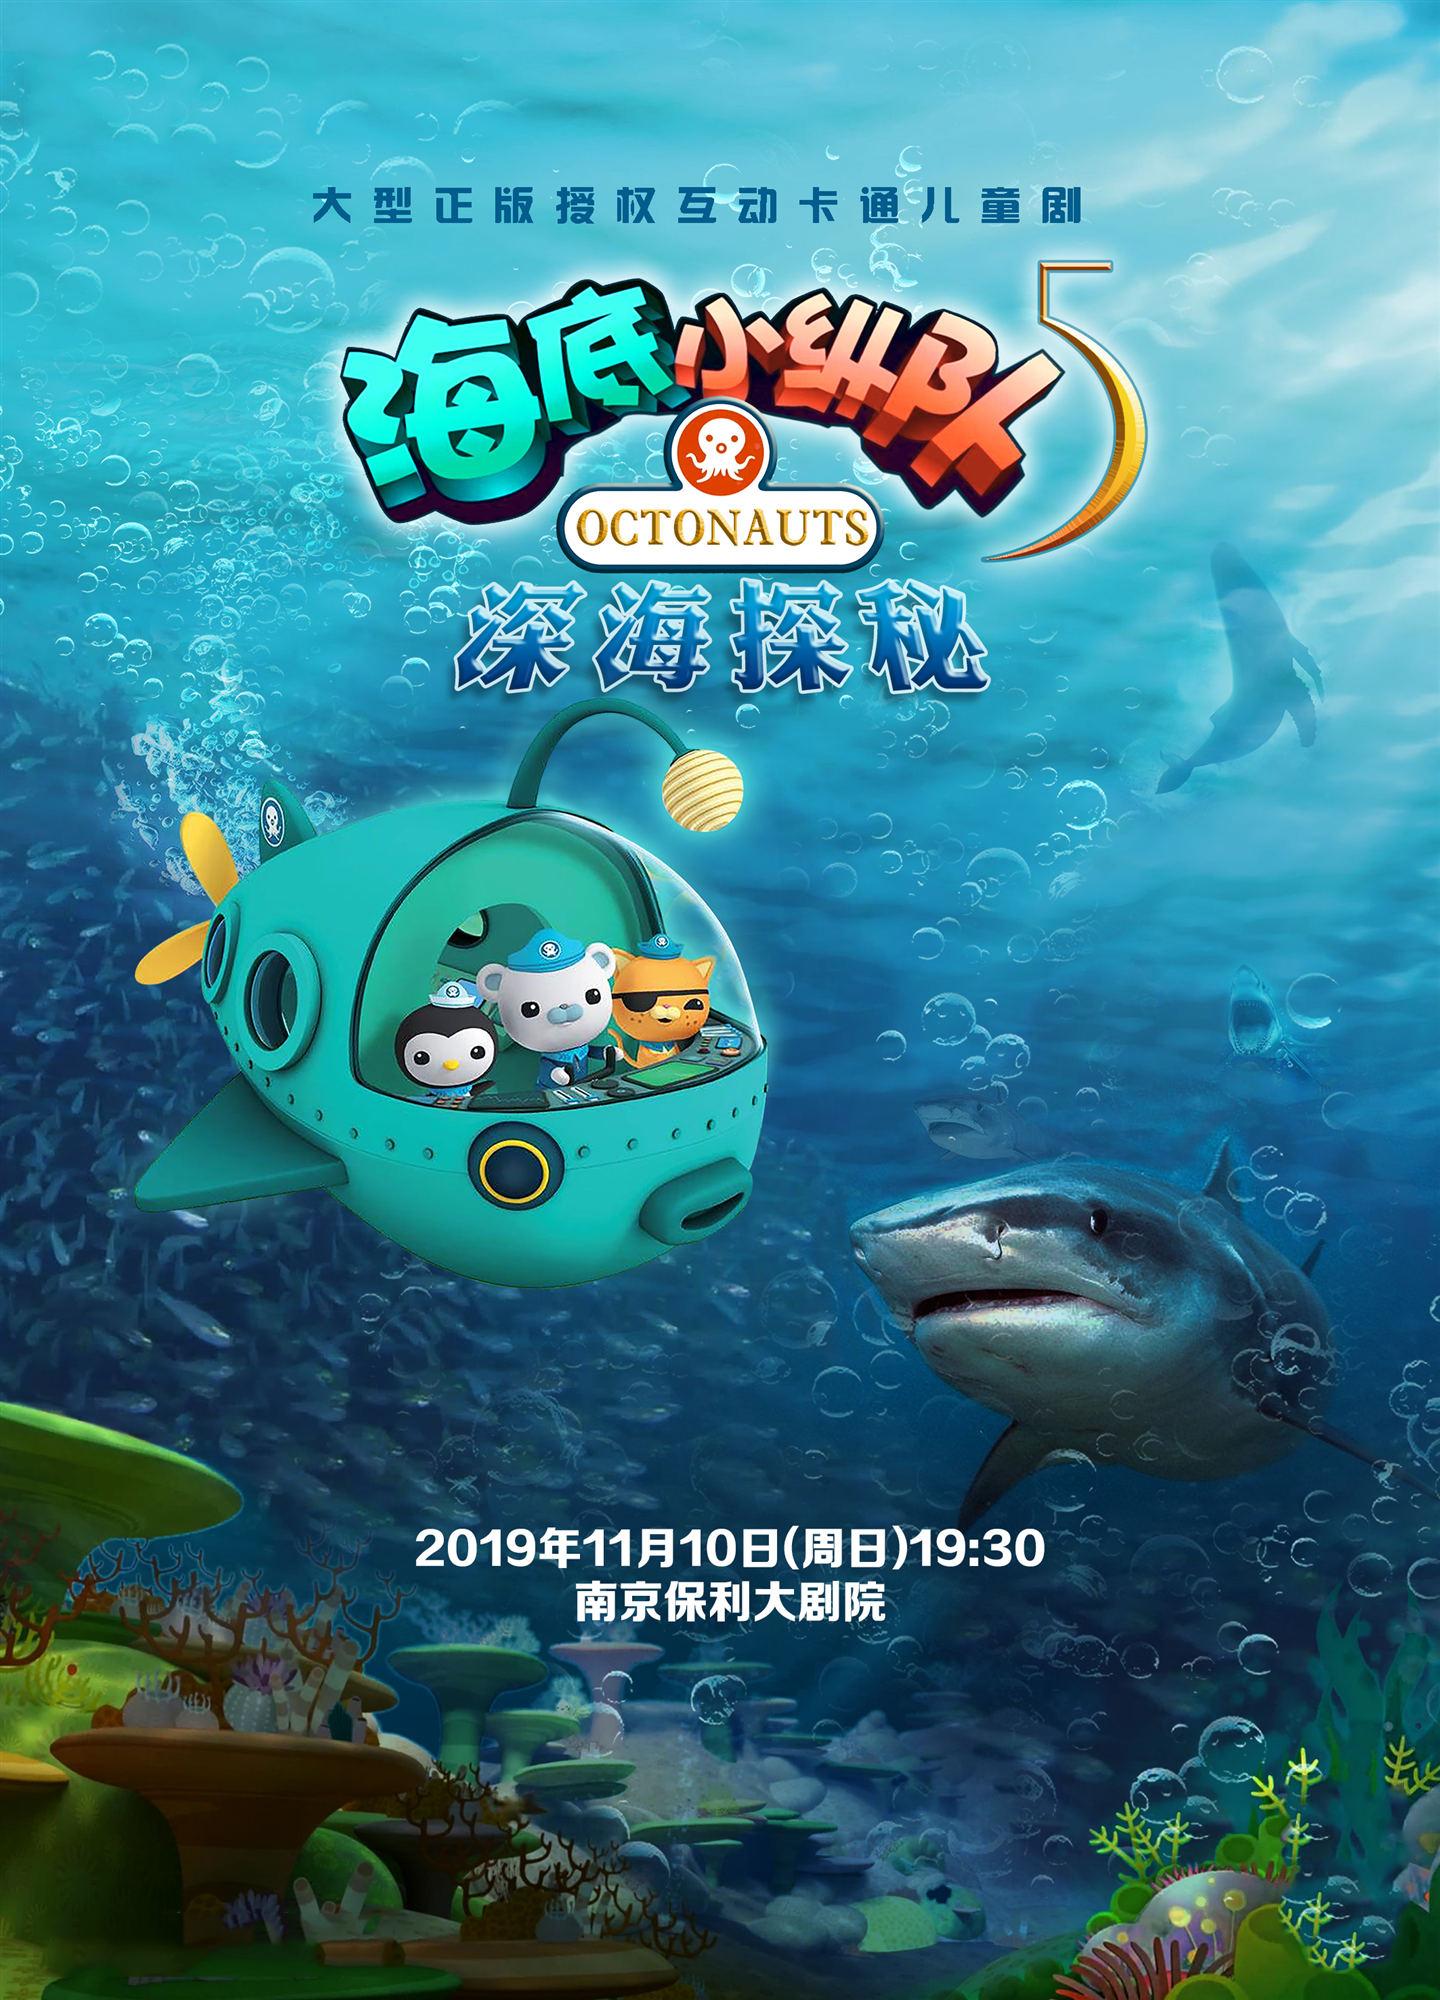 正版授权海洋探险动漫舞台剧《海底小纵队之深海探秘》南京站